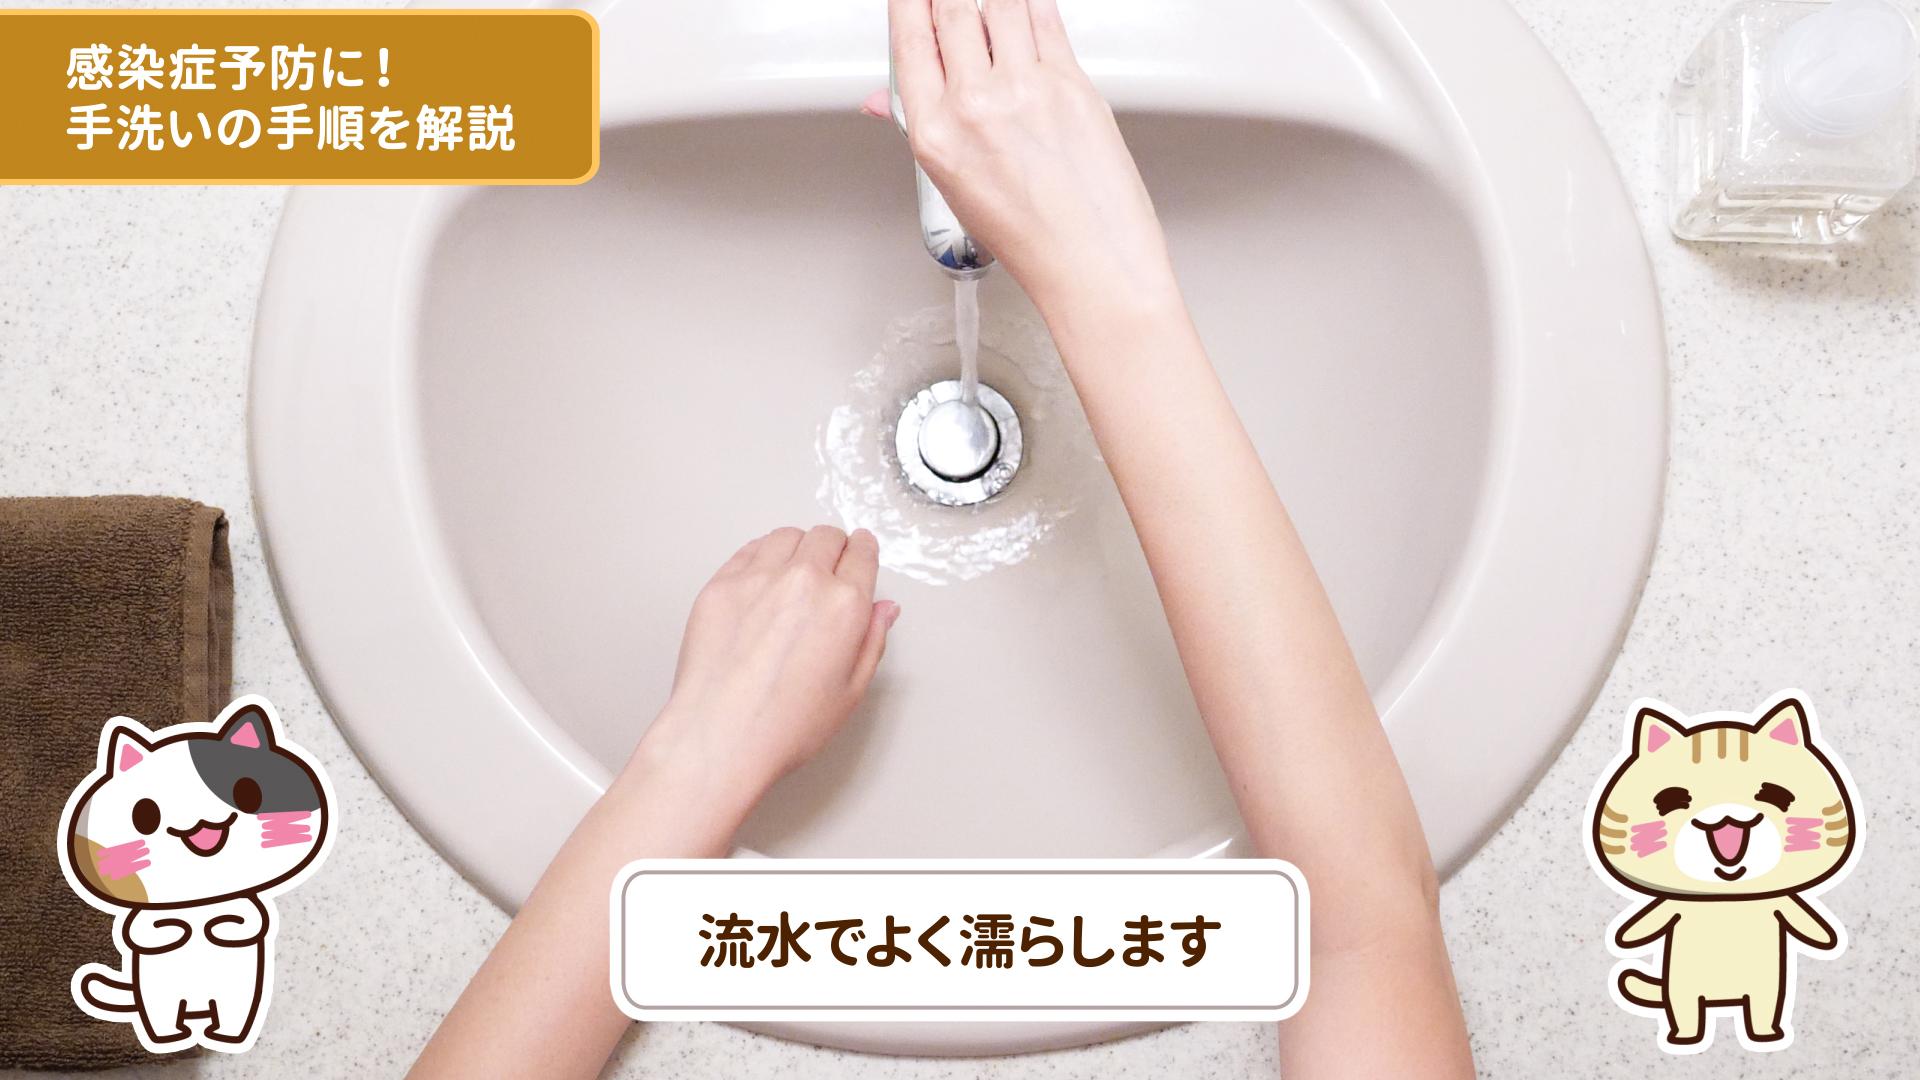 手を濡らすのイメージ